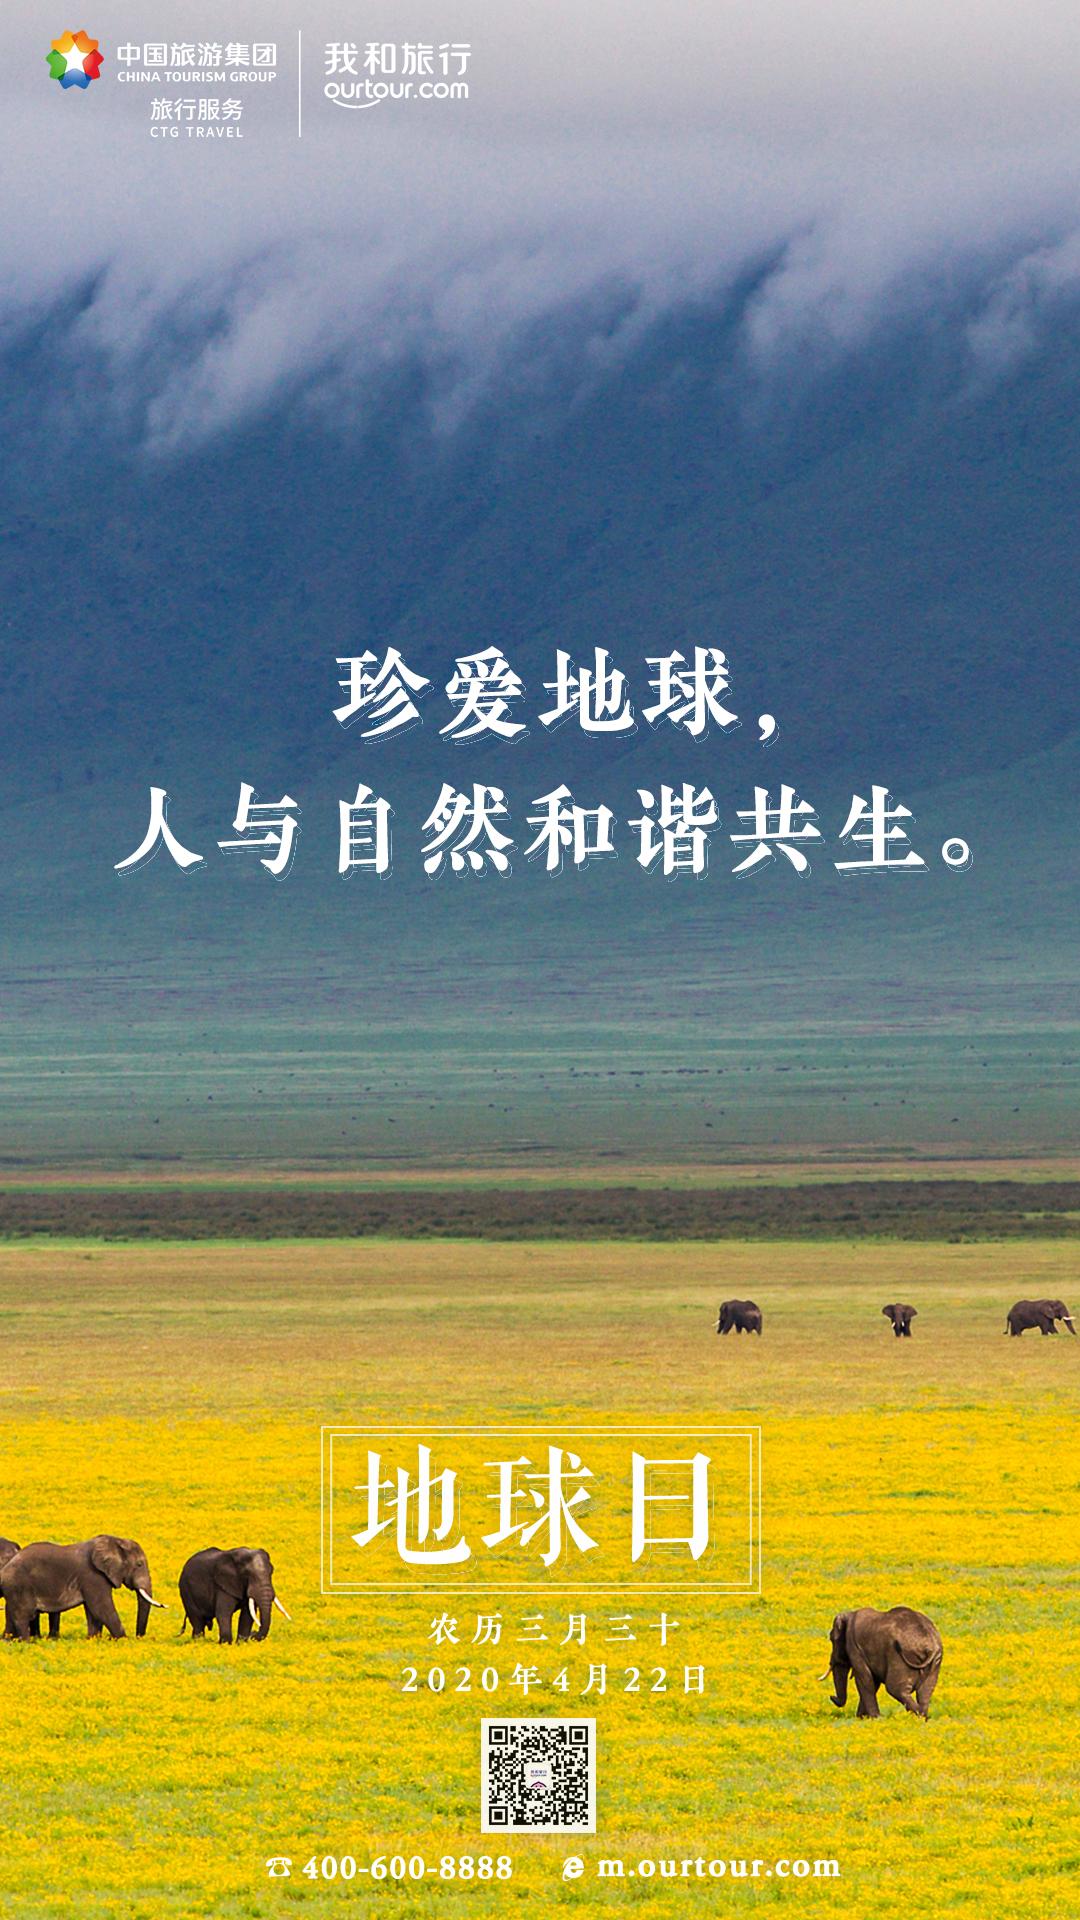 珍爱地球,人与自然和谐共生。